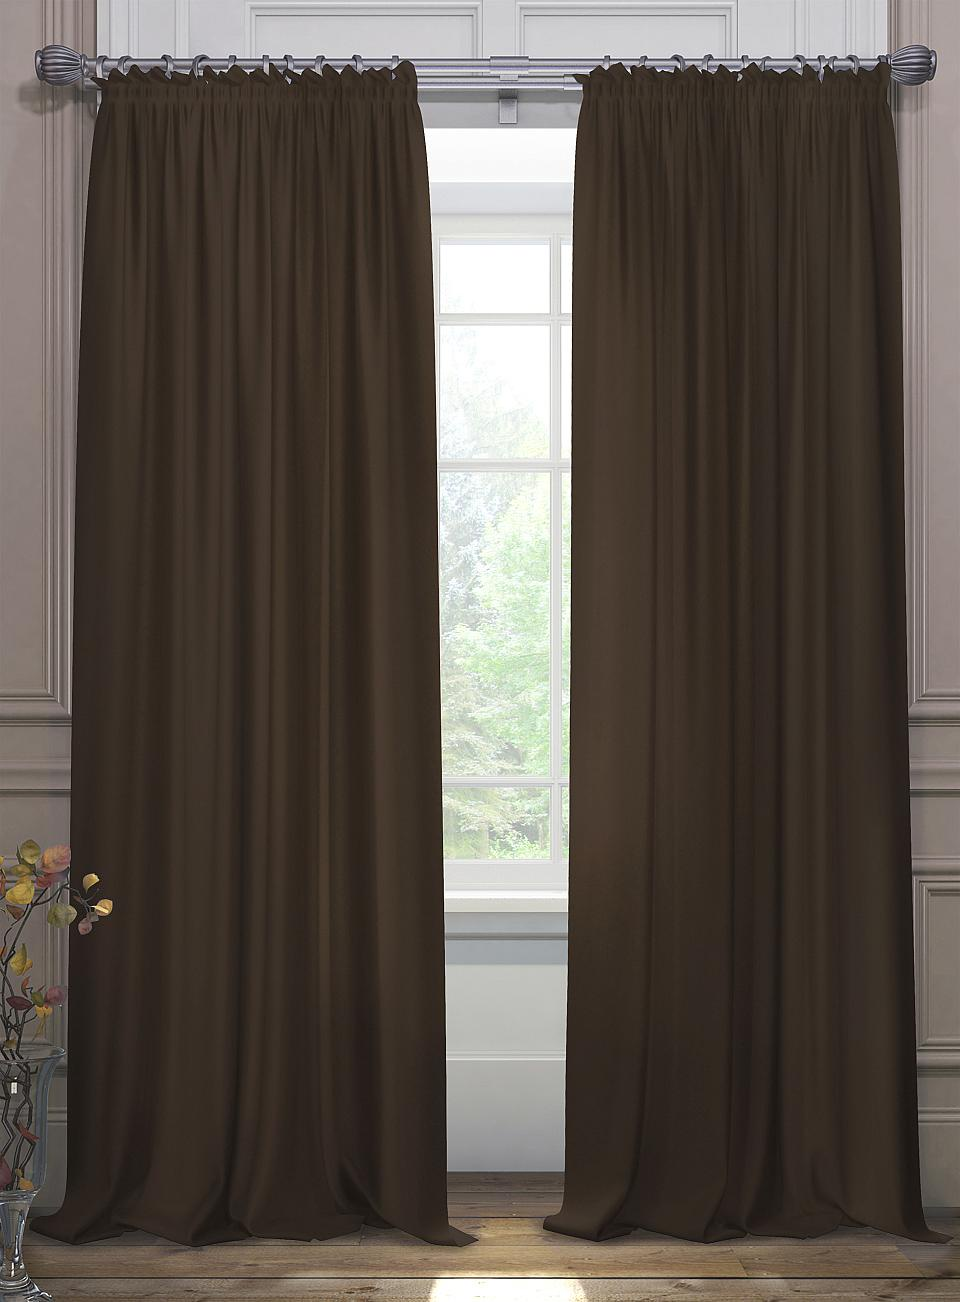 Комплект штор Томдом Элести, темно-коричневый аксессуар для штор томдом подхват коса темно малиновый